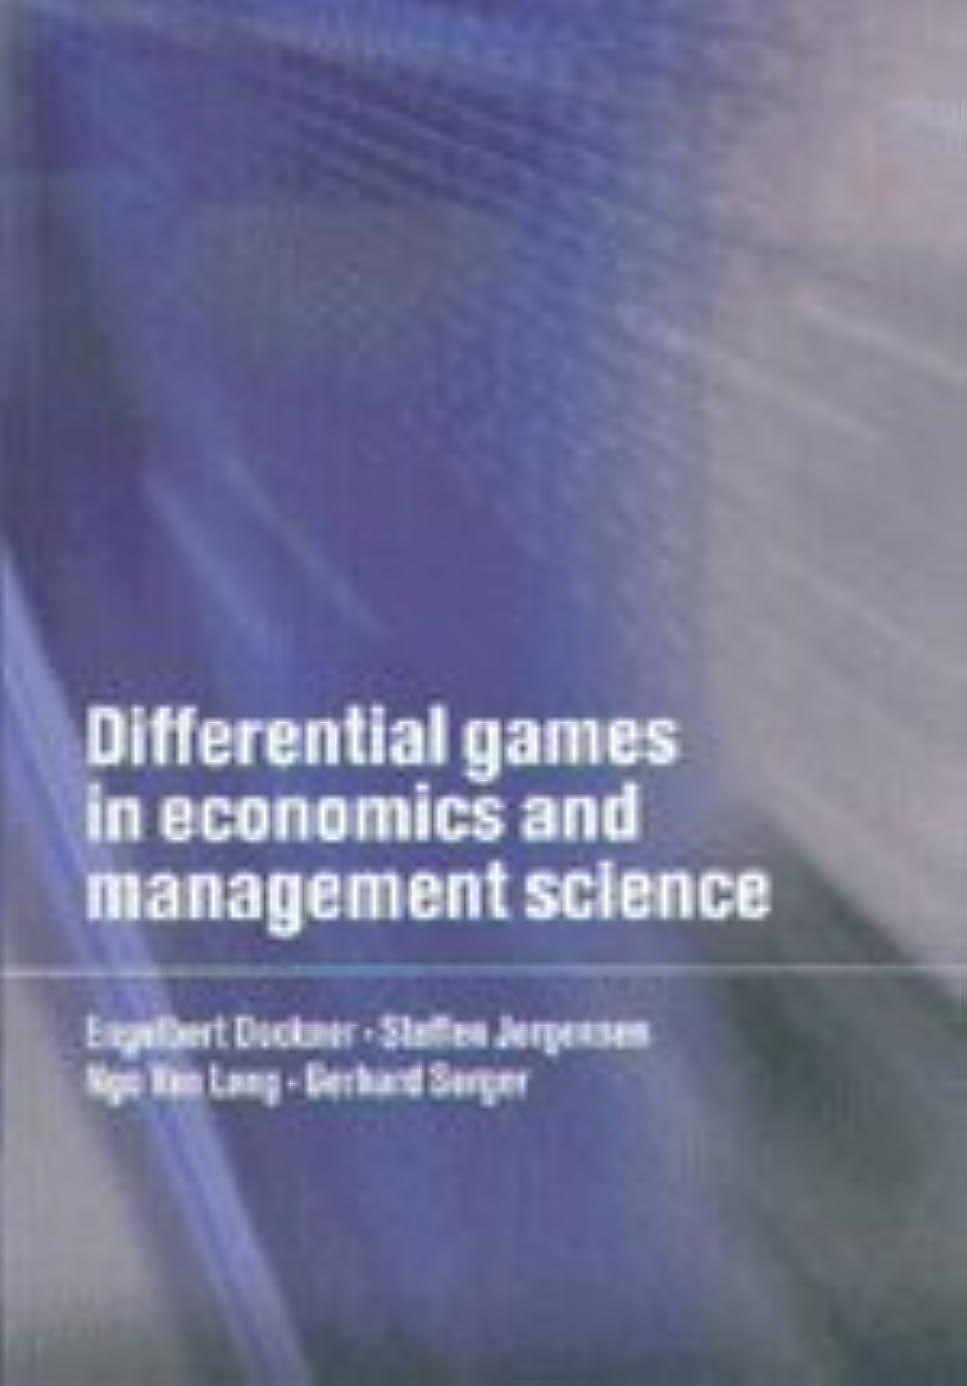 対話伝統的カビDifferential Games Econ Mgmt Sci